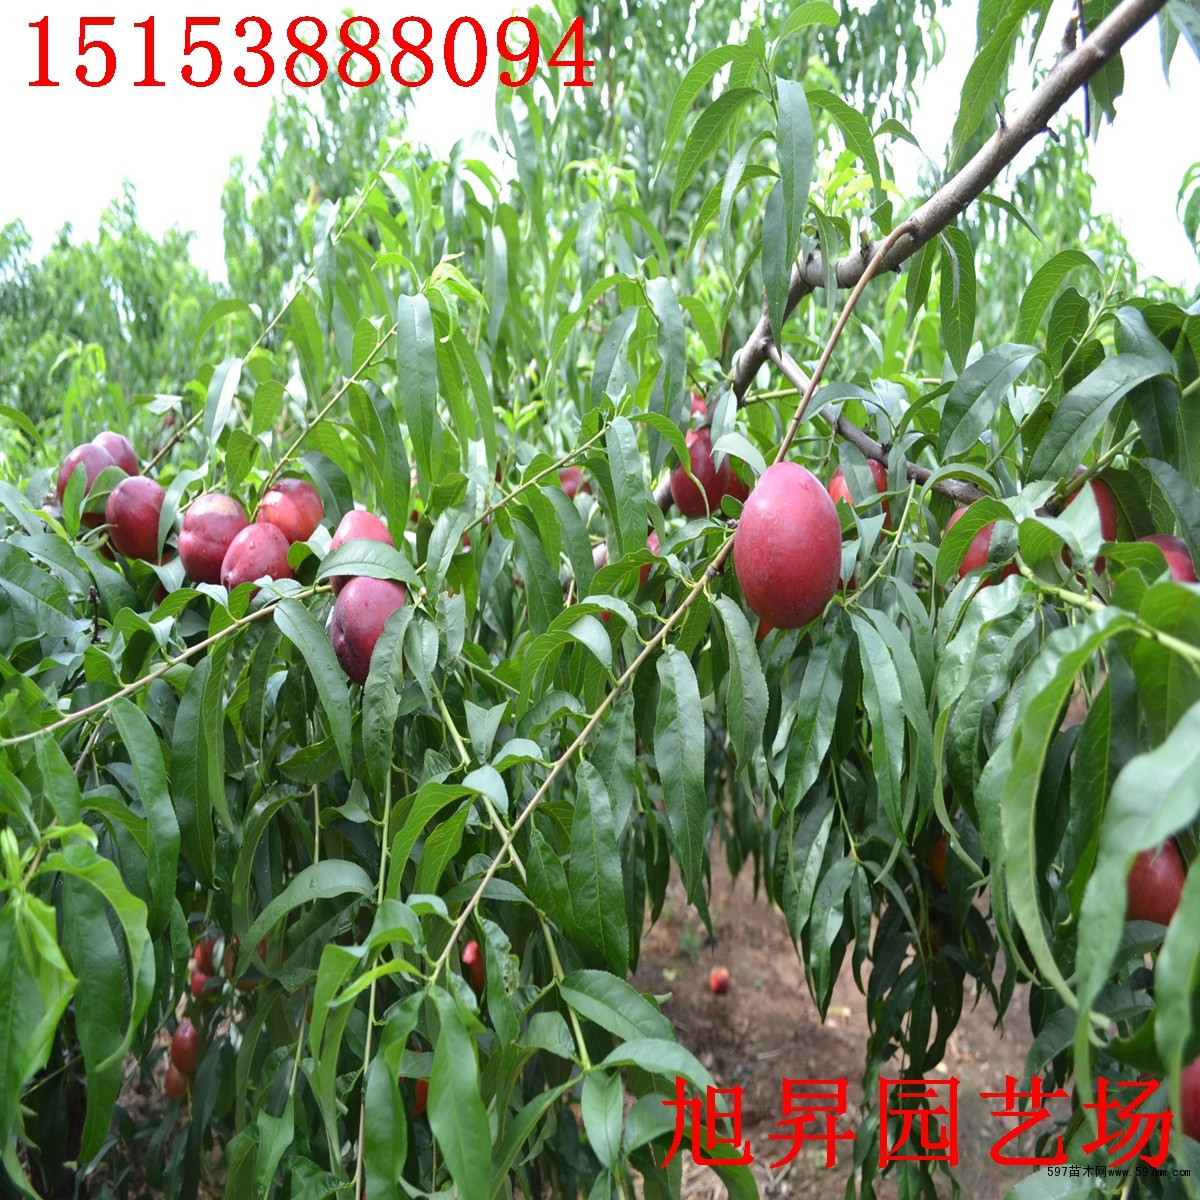 桃树般多整成自然杯状形树冠和自然开心形树冠.